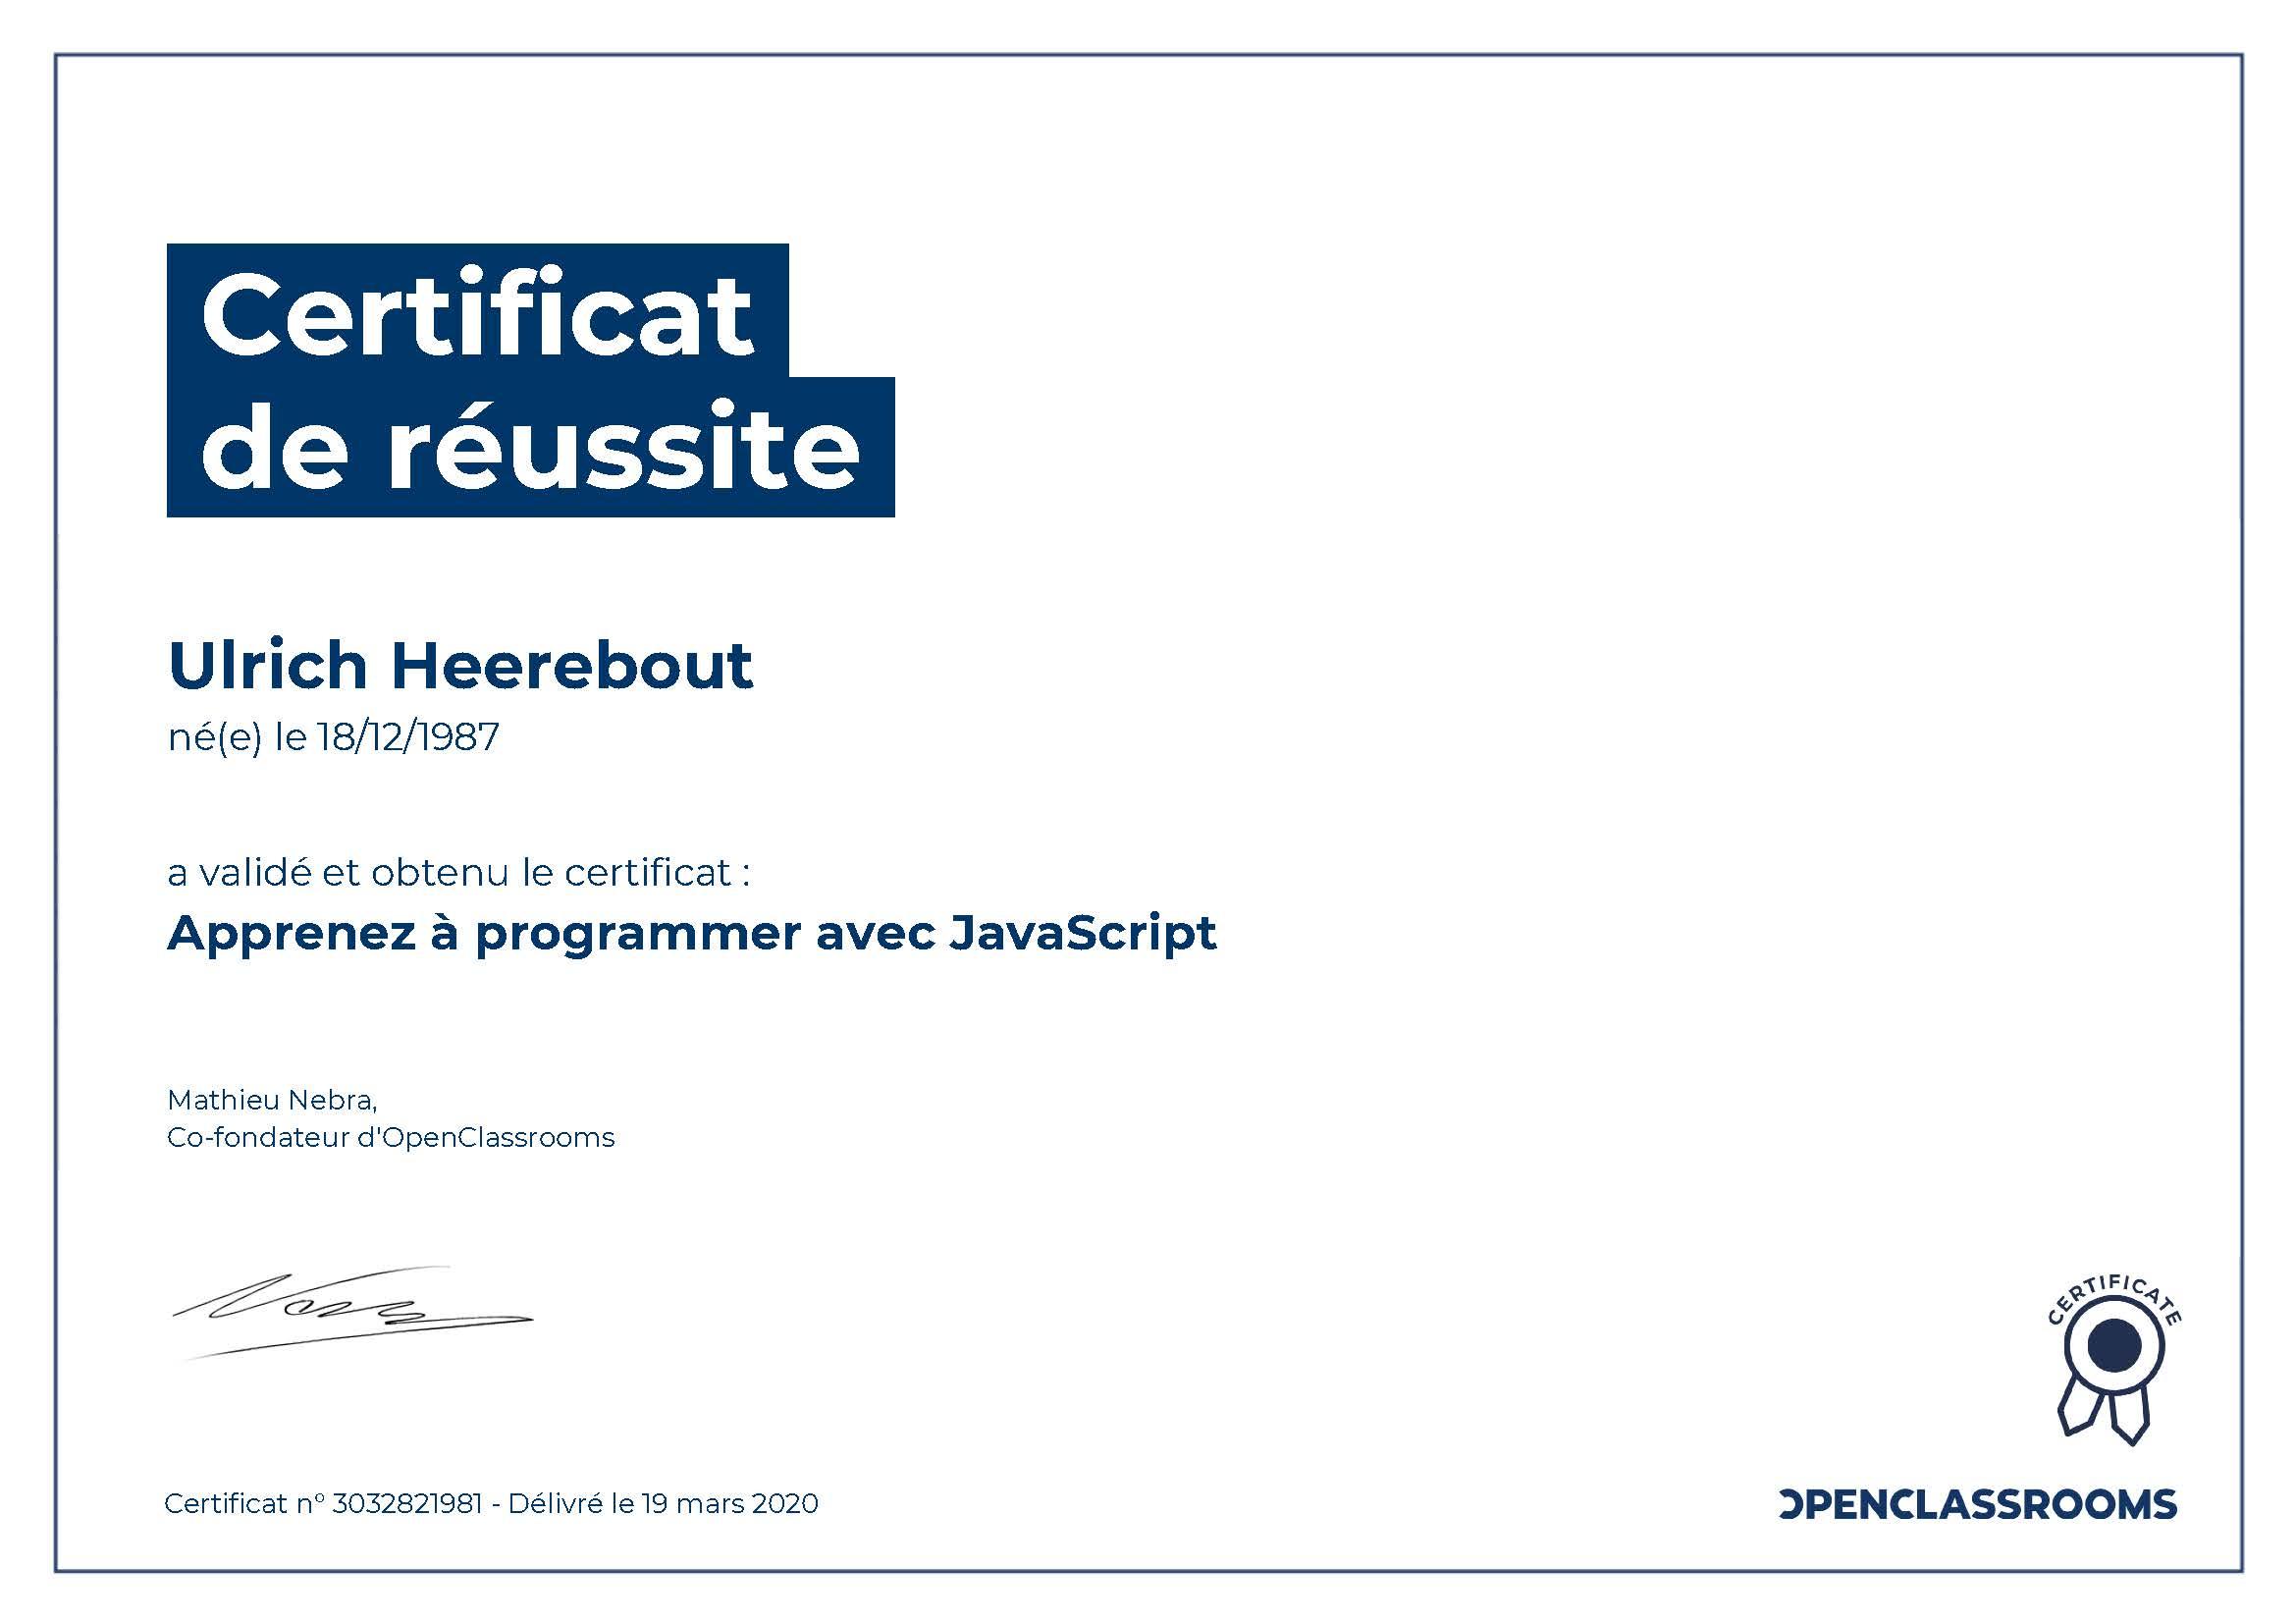 Certificat de réussite : Apprenez à programmer avec javascript